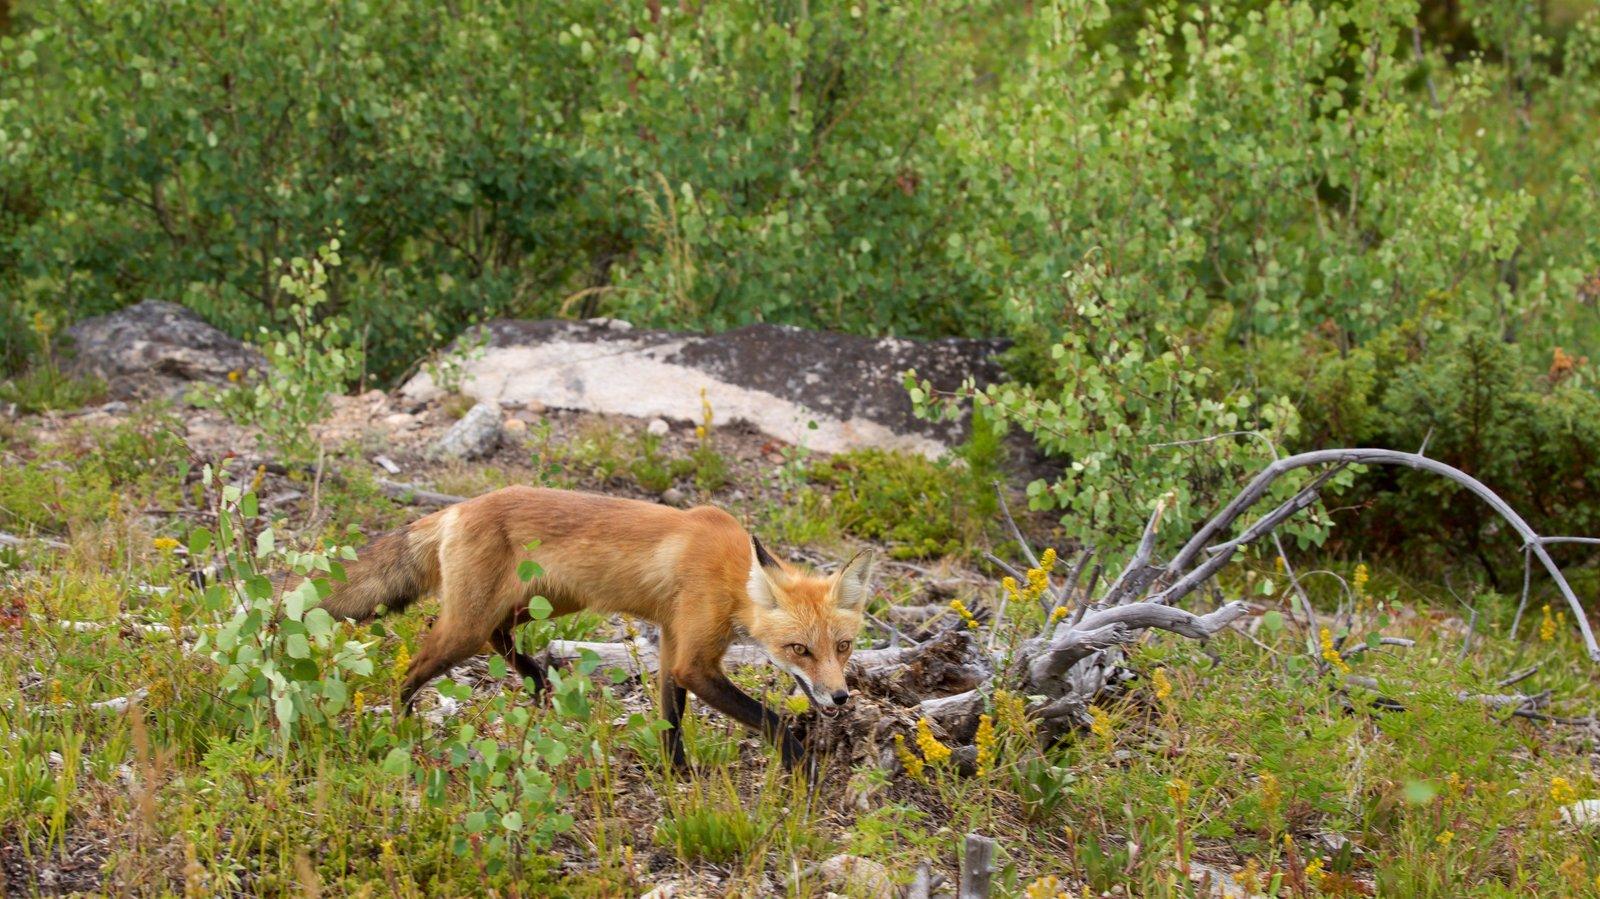 Rocky Mountain National Park que inclui animais terrestres